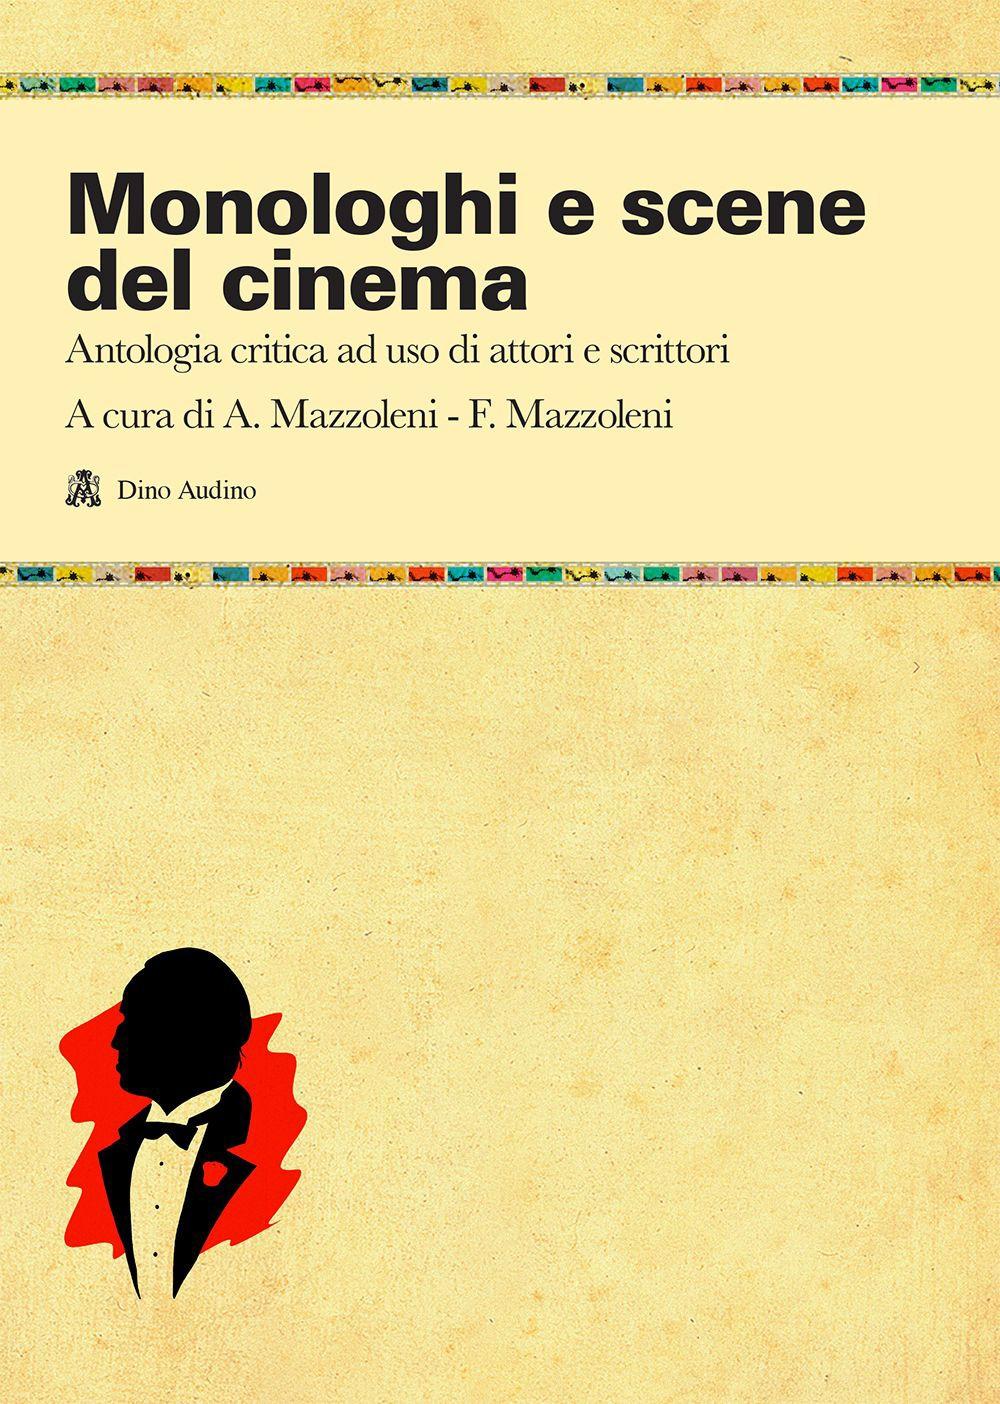 Monologhi e scene del cinema.